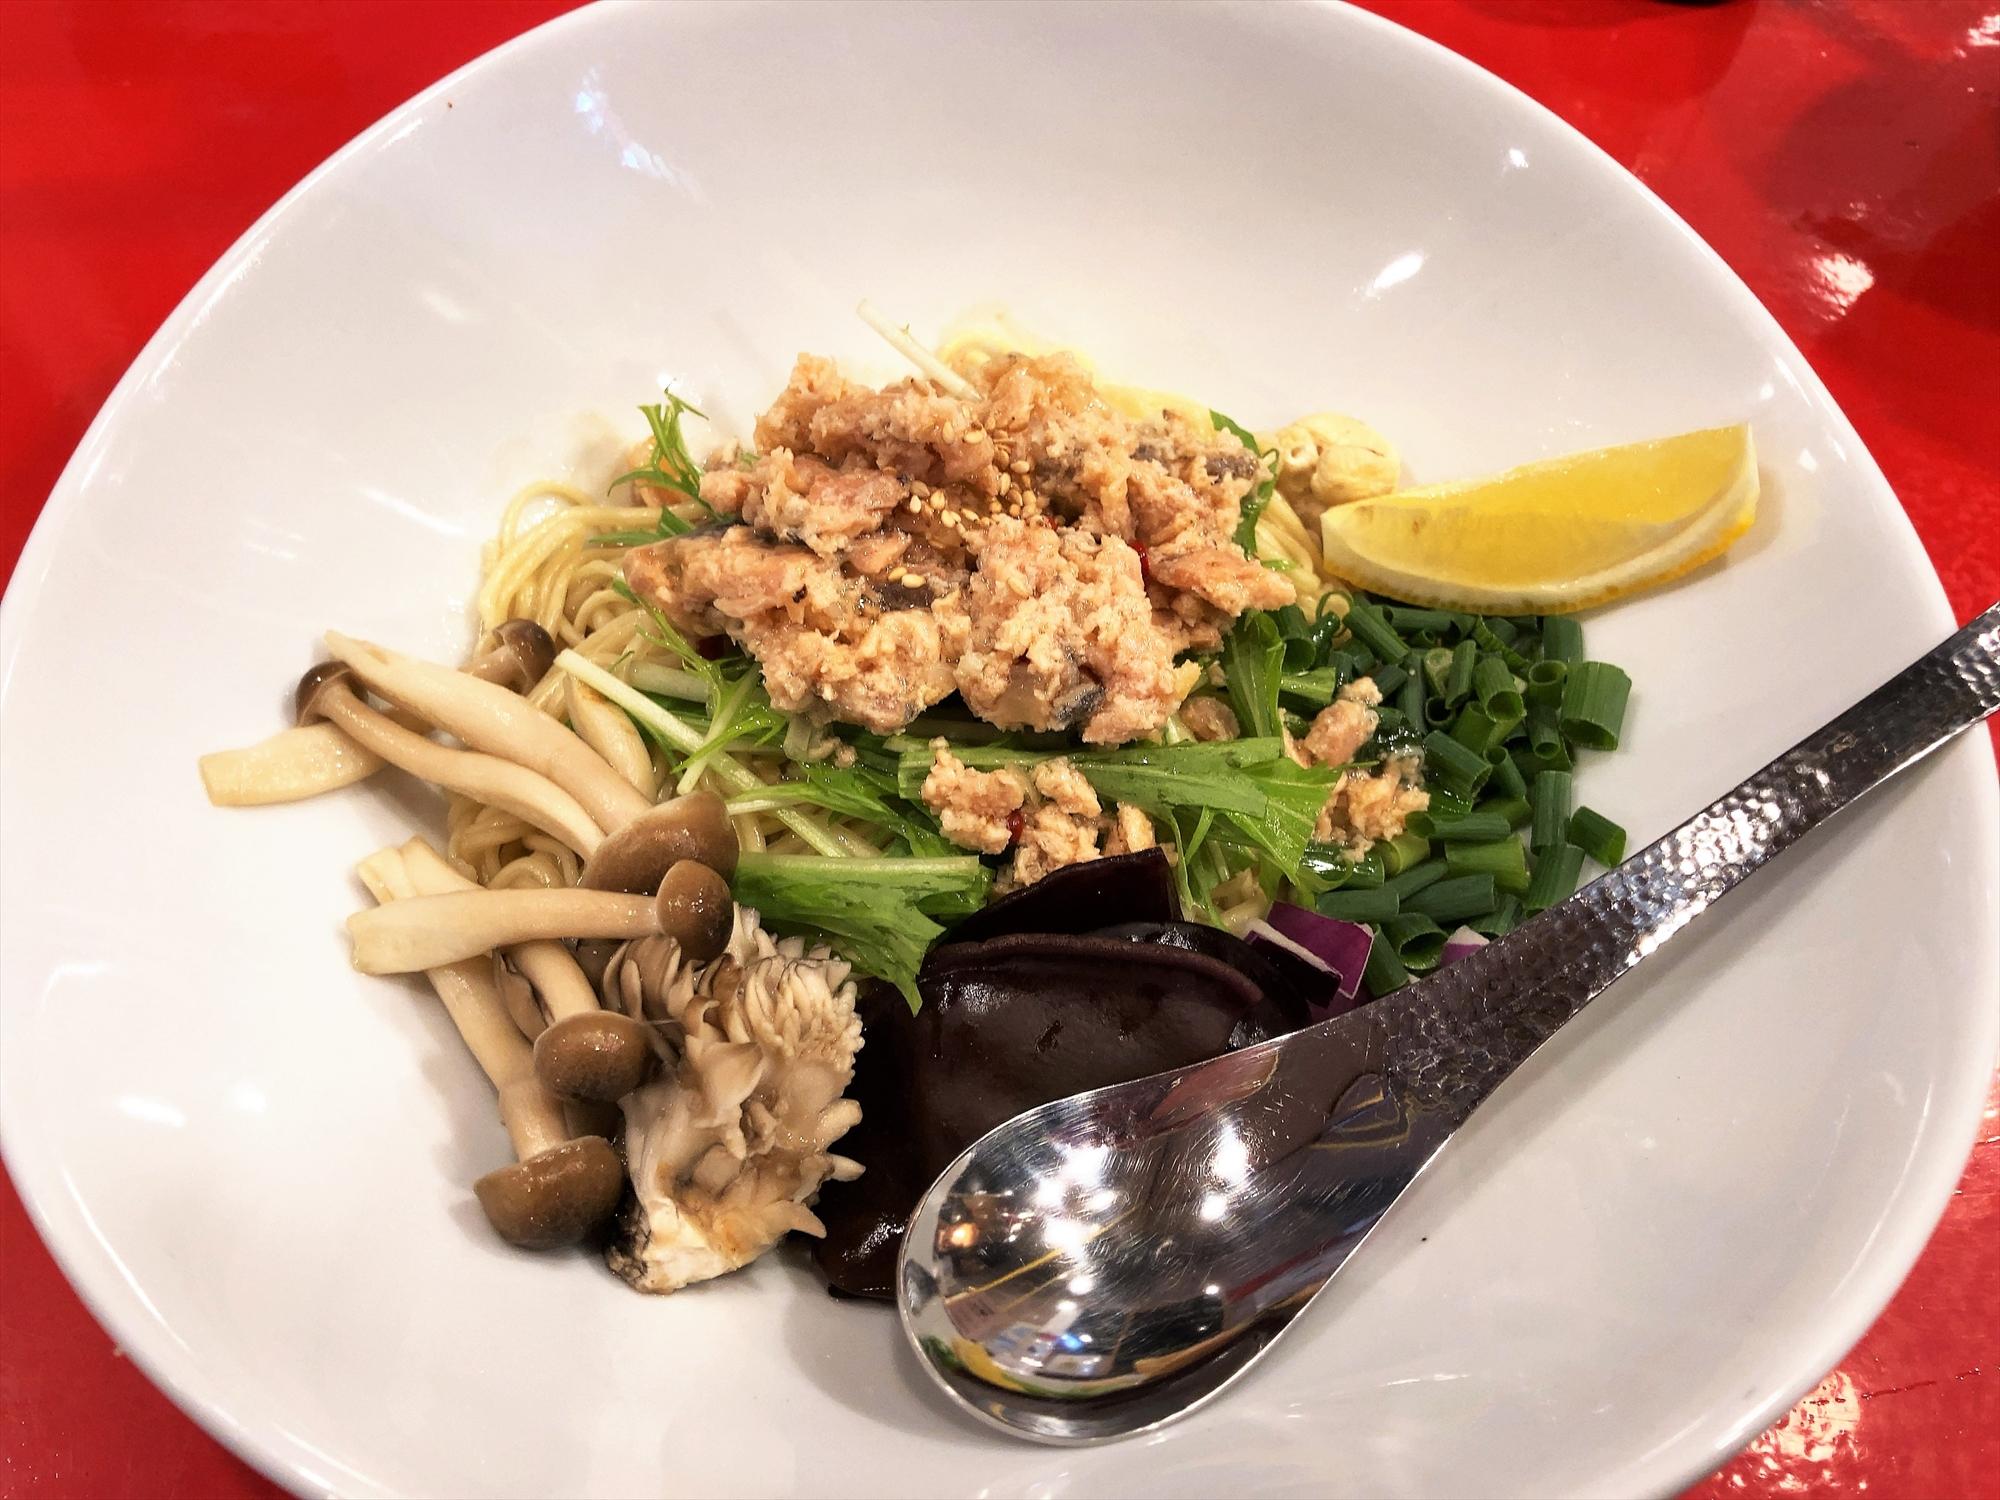 汁なし担々麺っぽい専門店 ラボラトリー「ラボ麺 天然北海道生鮭XO醤仕立て」